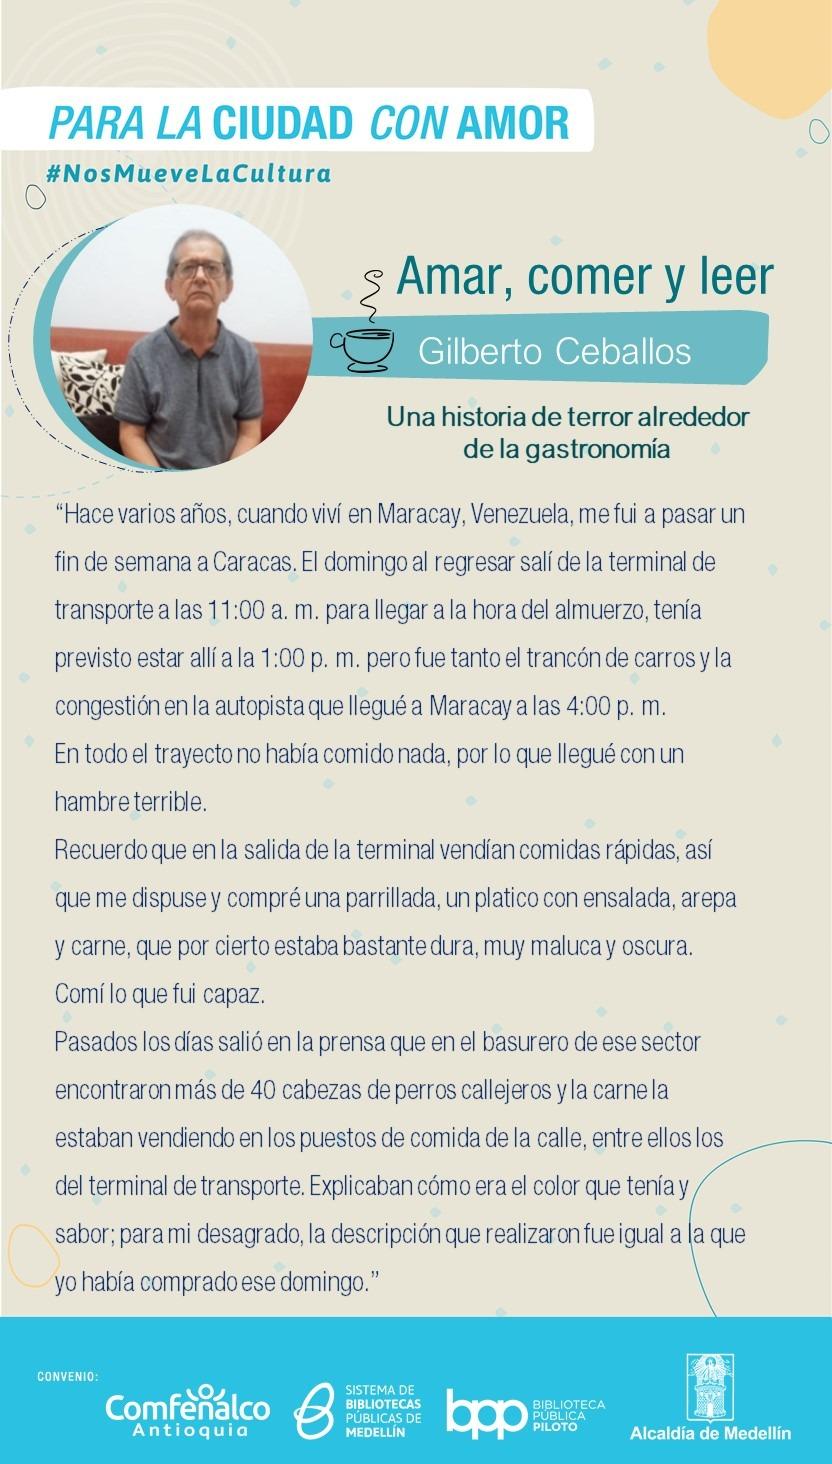 Amar, comer y leer – Gilberto Ceballos